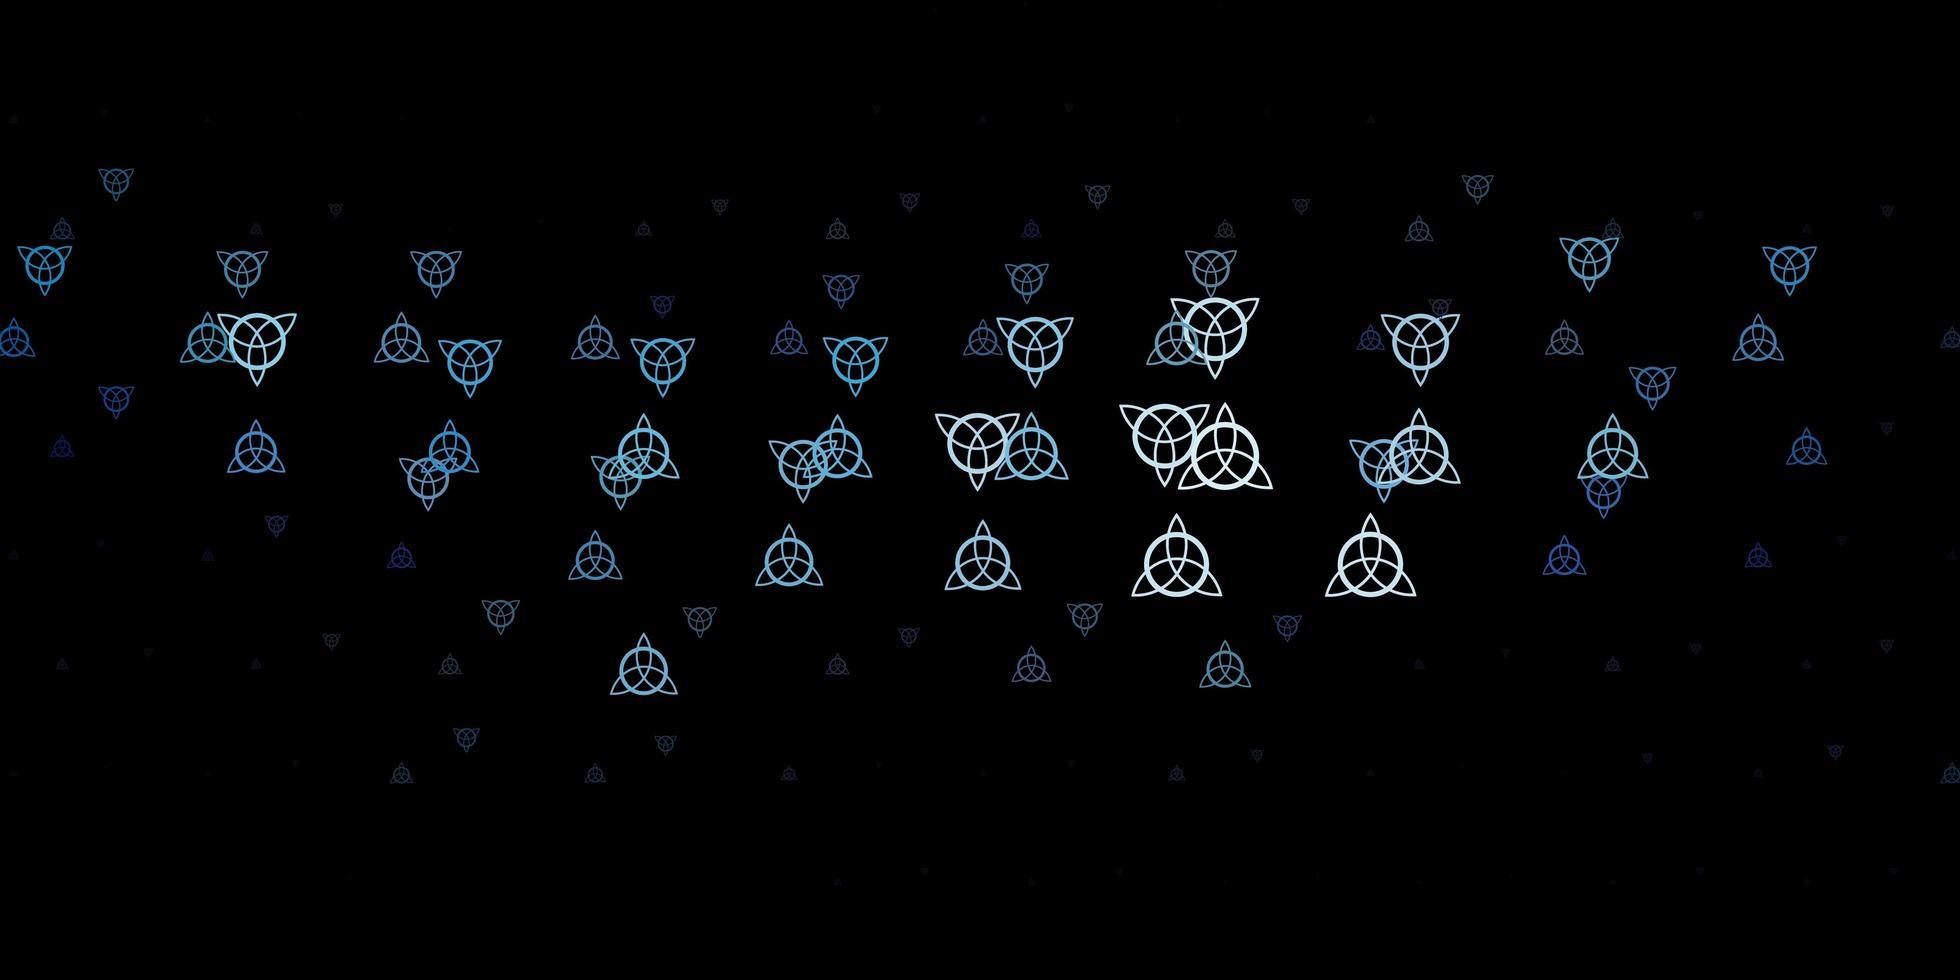 modèle vectoriel bleu foncé avec des éléments magiques.